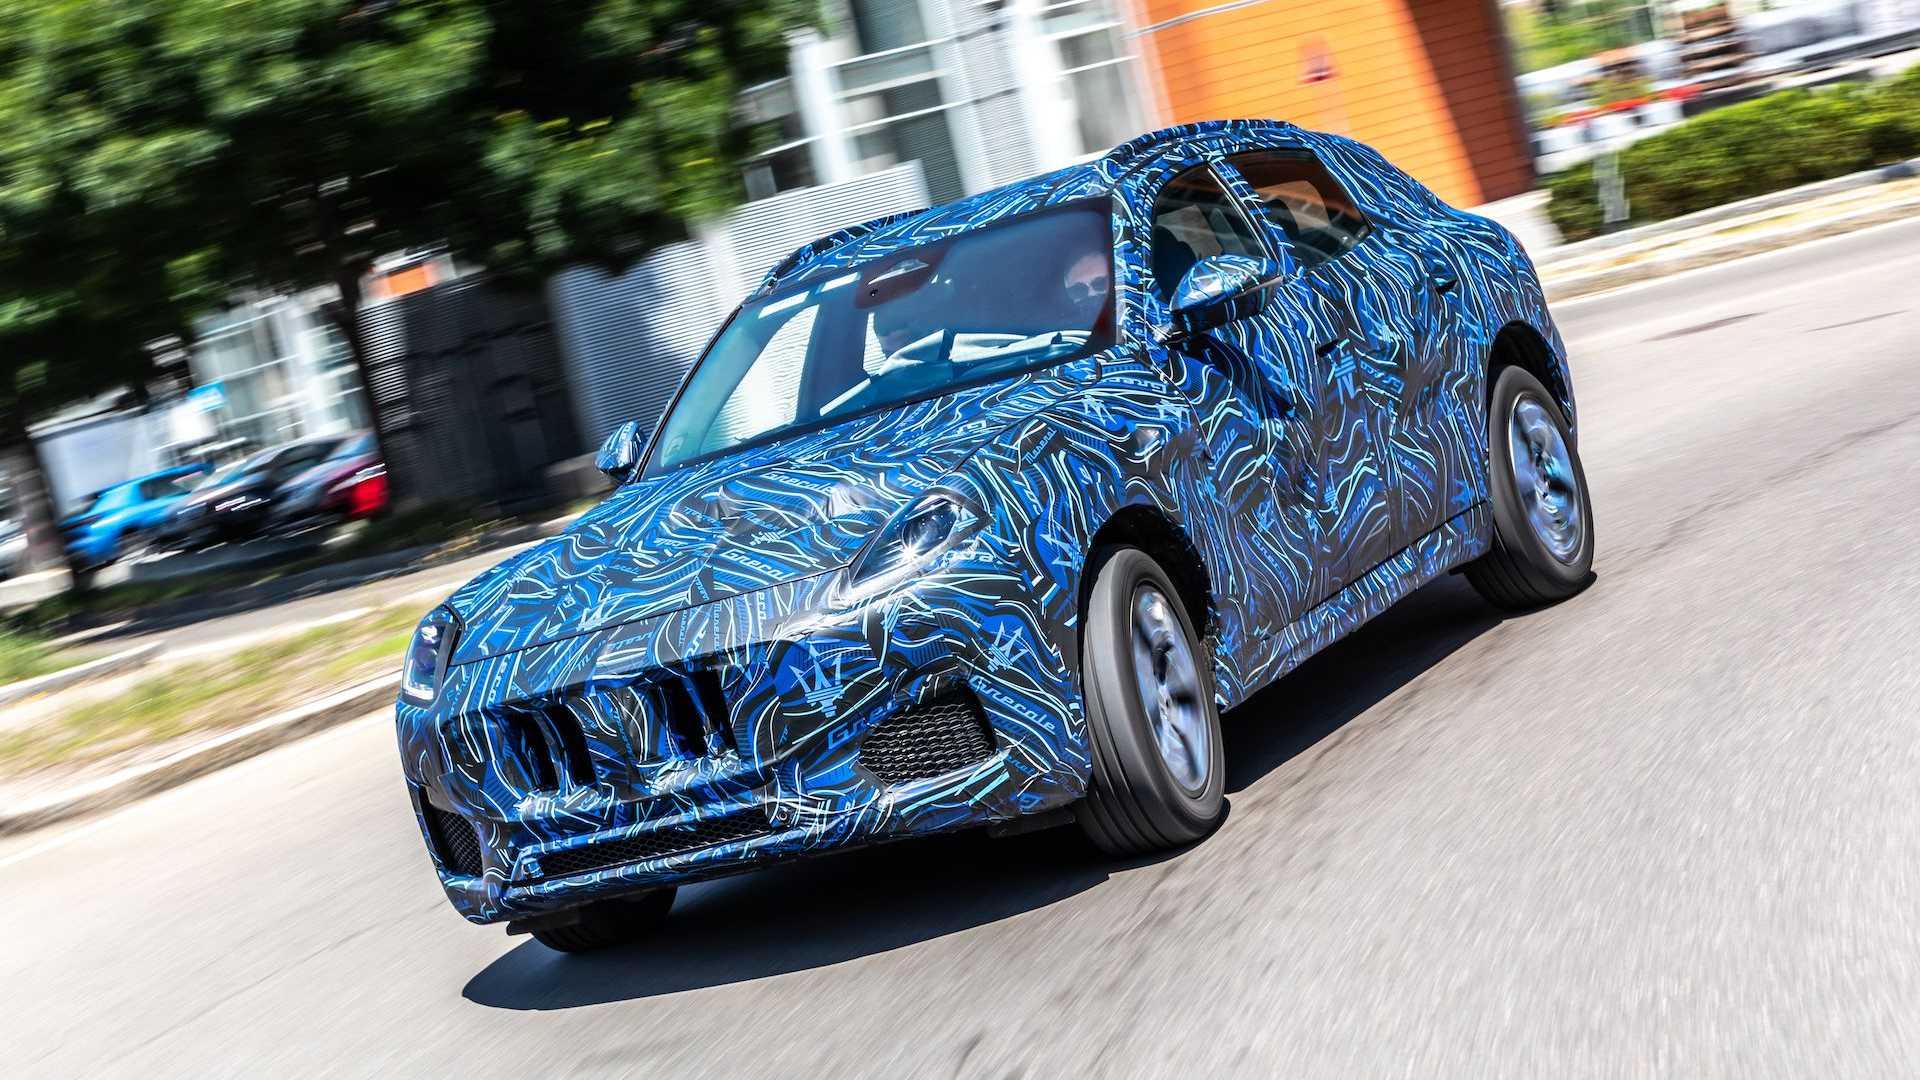 Maserati Grecale zostanie zaprezentowane już 16 listopada 2021 roku